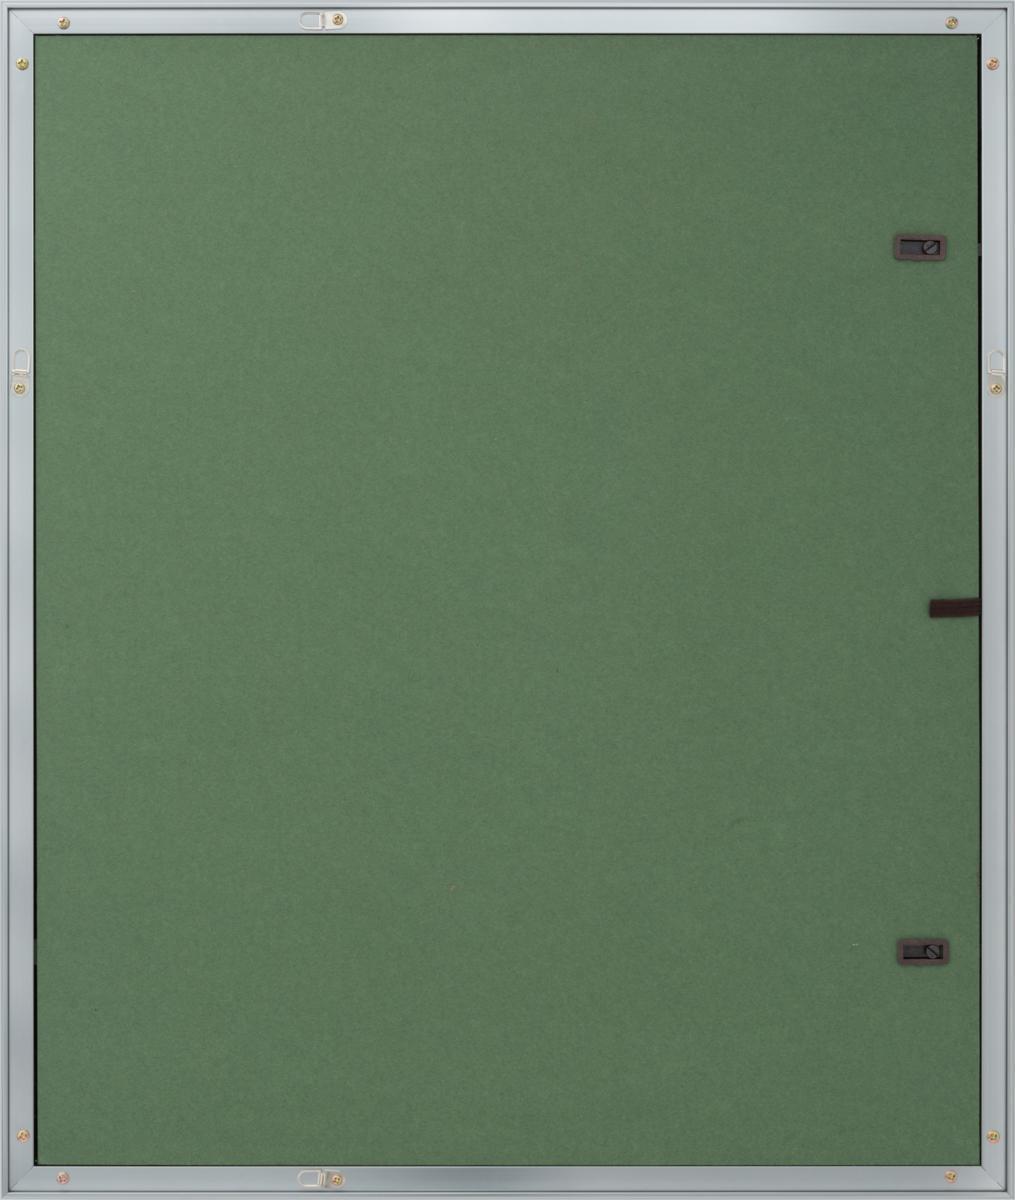 油絵額縁 油彩額縁 アルミフレーム 受注生産品 8182 シルバー マットC アクリル サイズM15号_画像3